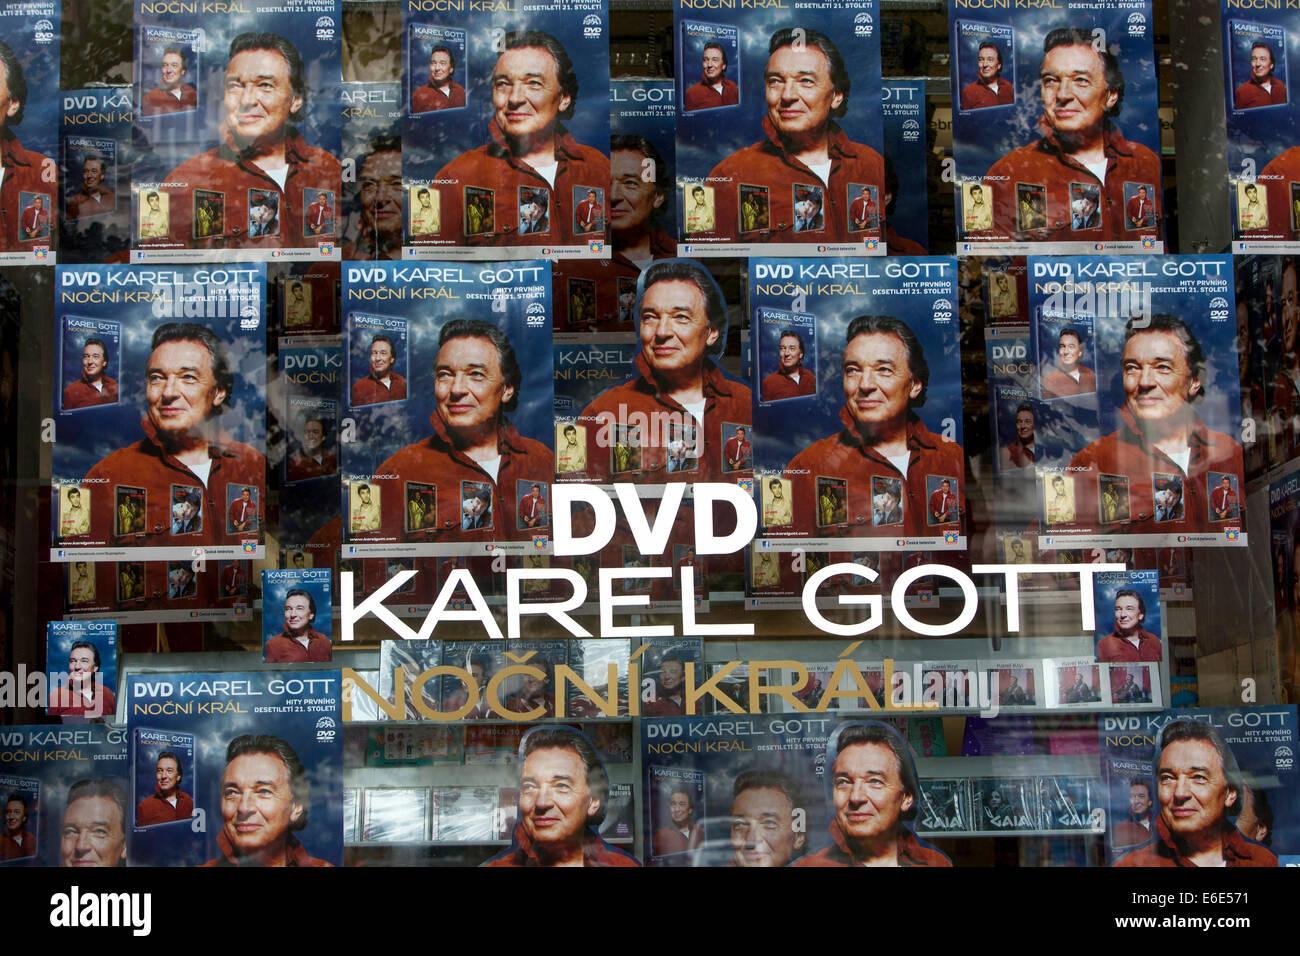 Finestra del negozio con la pubblicità sulla nuova cantante DVD Karel Gott, Wenceslas Square,praga,Repubblica Immagini Stock